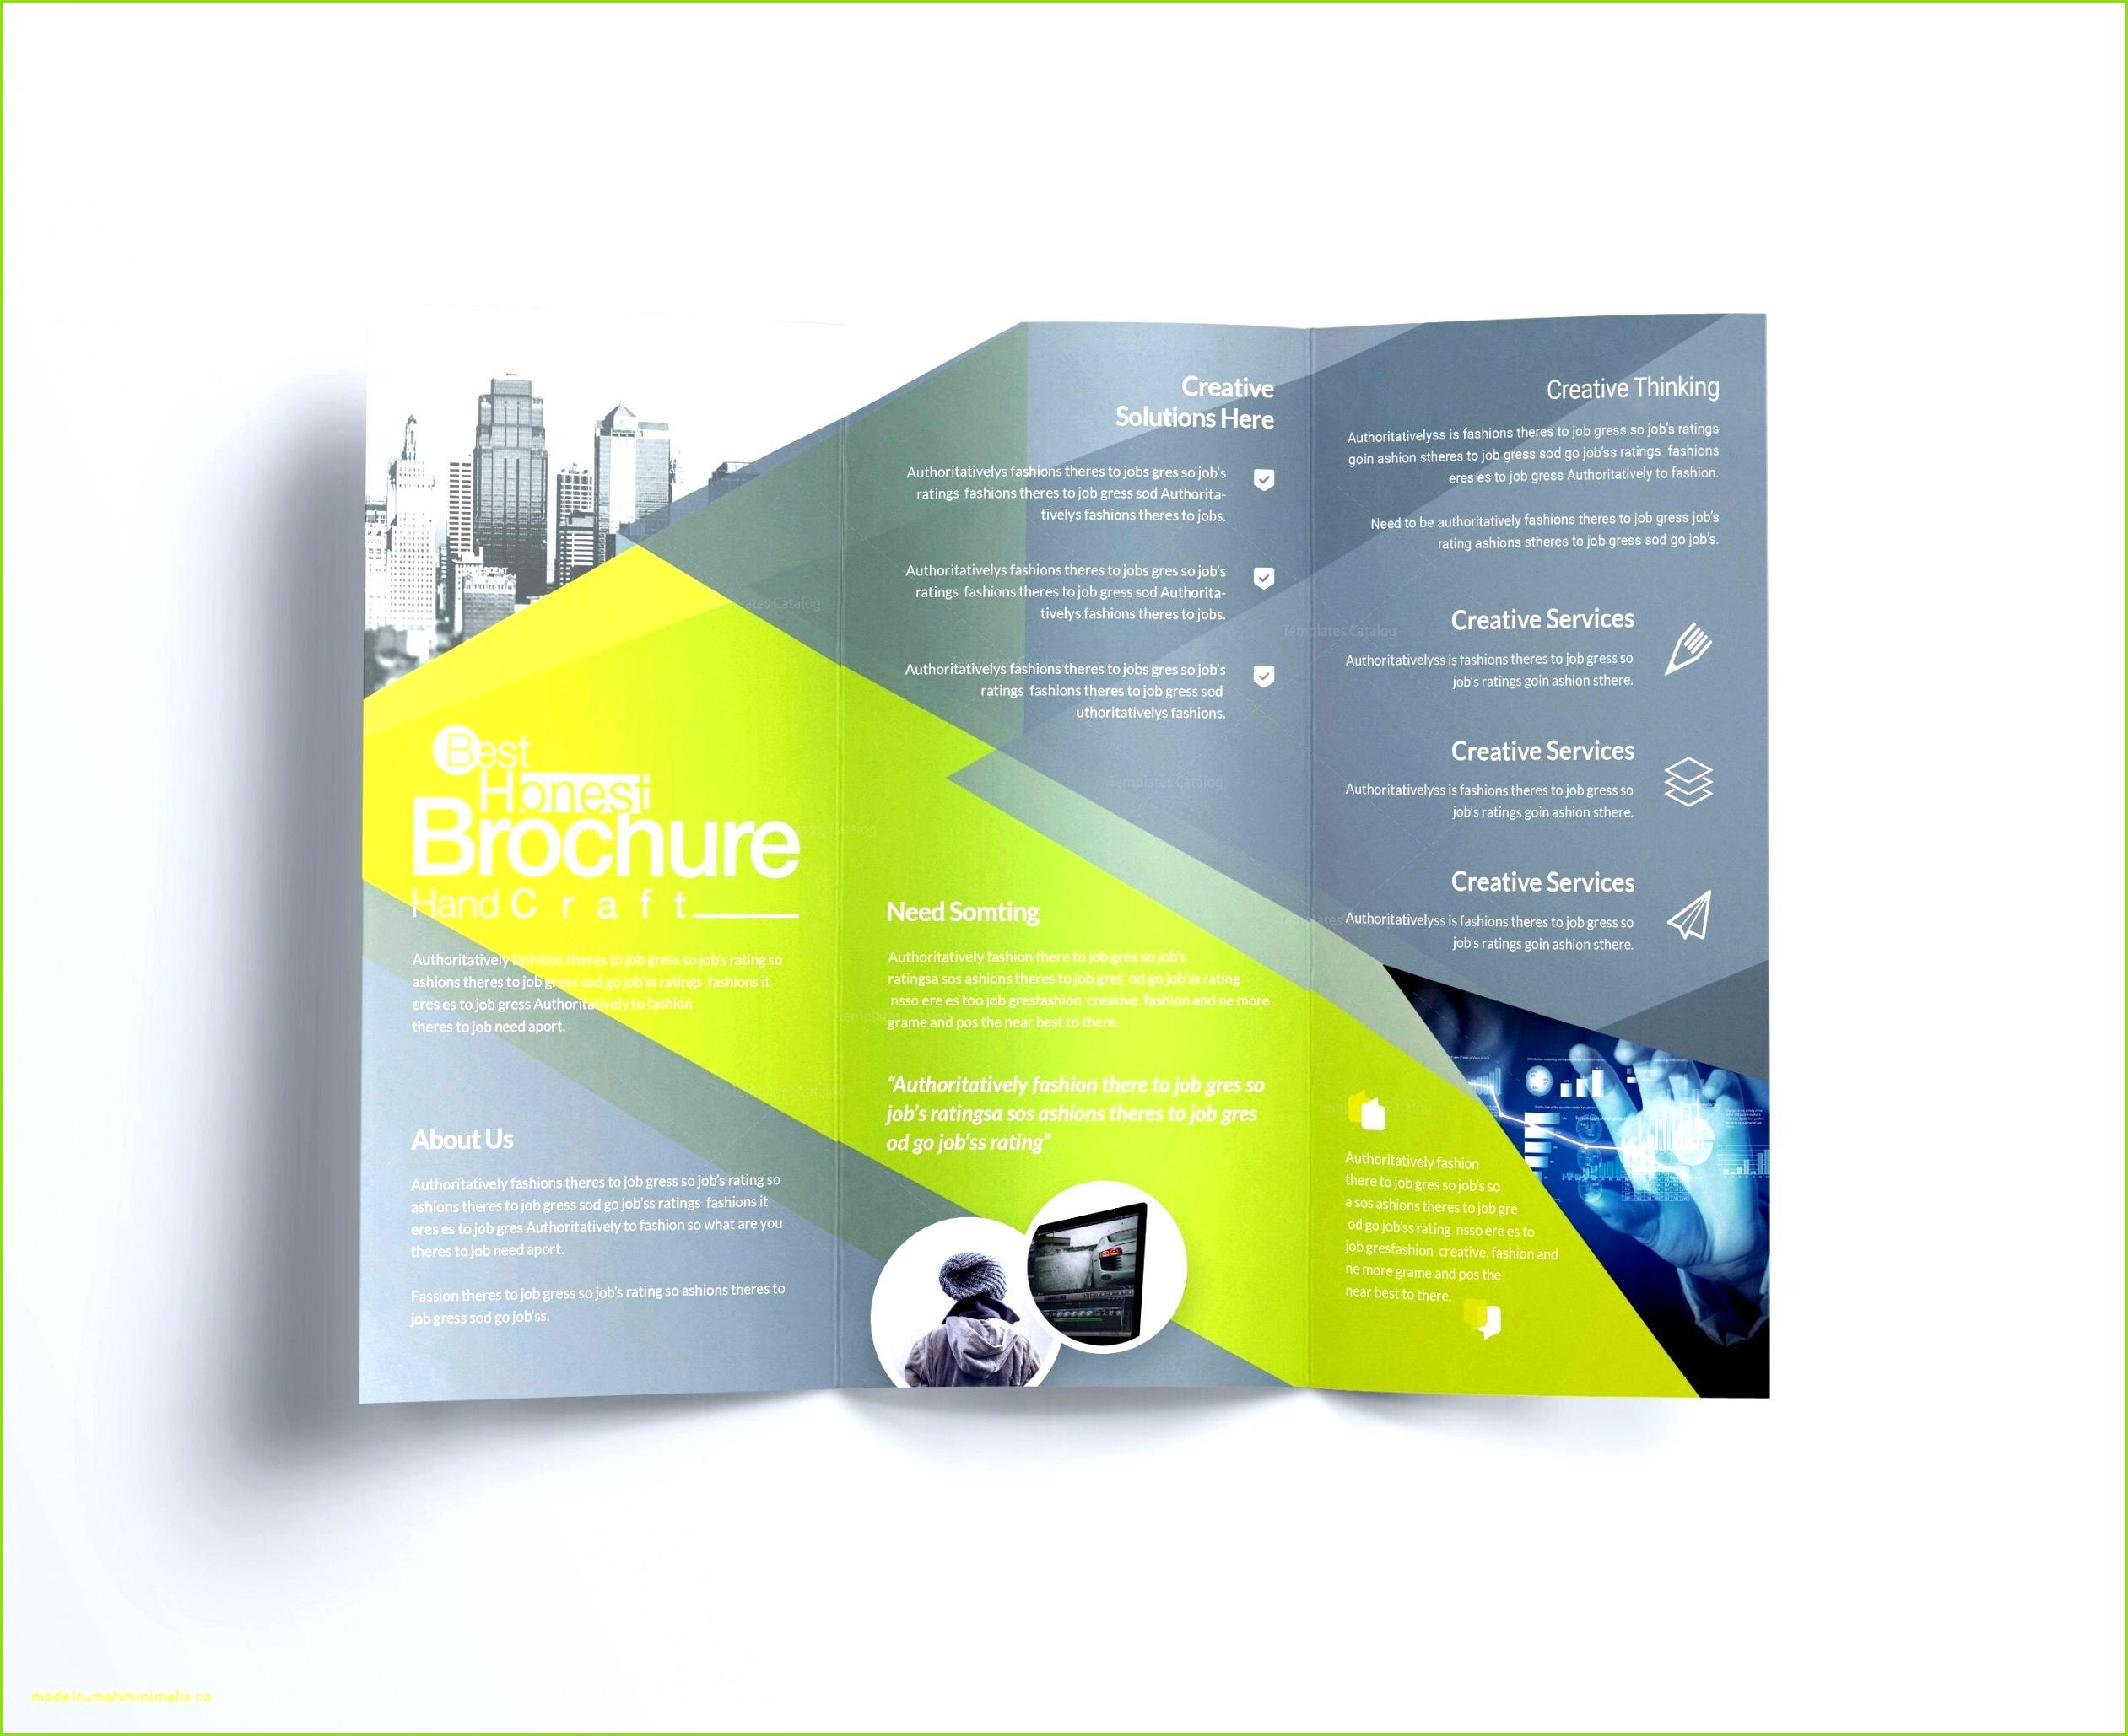 Top Result shop Graphic Design Templates New Nett Kostenlose Flyer Vorlagen shop Zeitgenossisch Beispiel s 2017